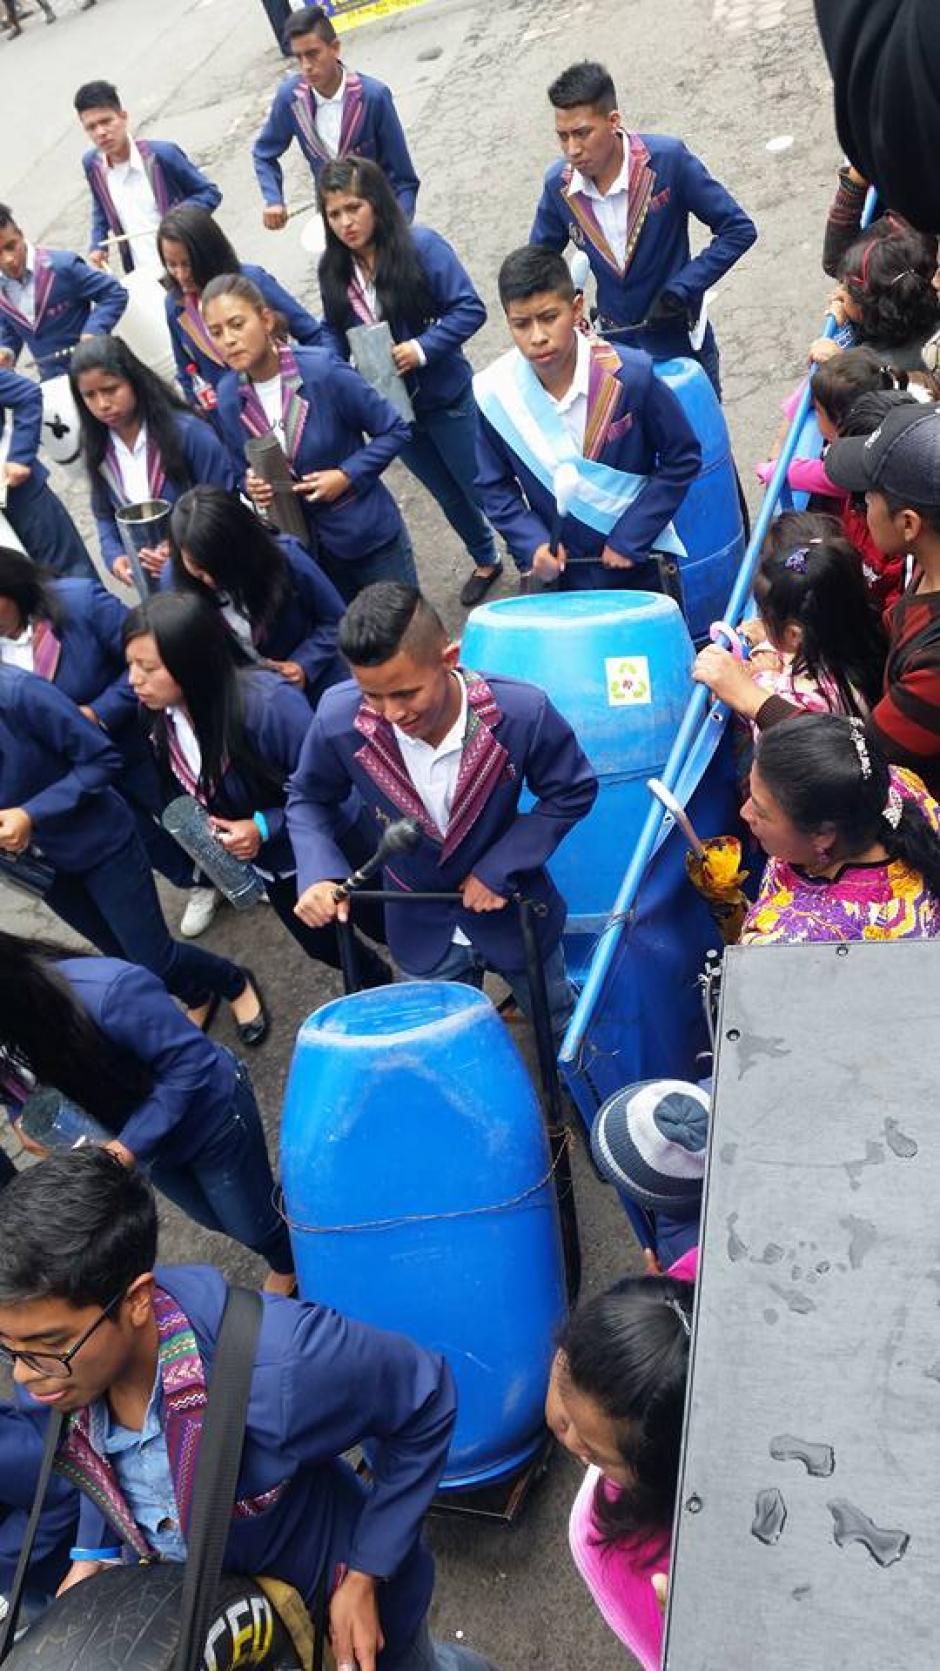 La bandas escolares son tradicionales en Guatemala en los desfiles para celebrar la Independencia. (Foto: Facebook Julia Barrera)